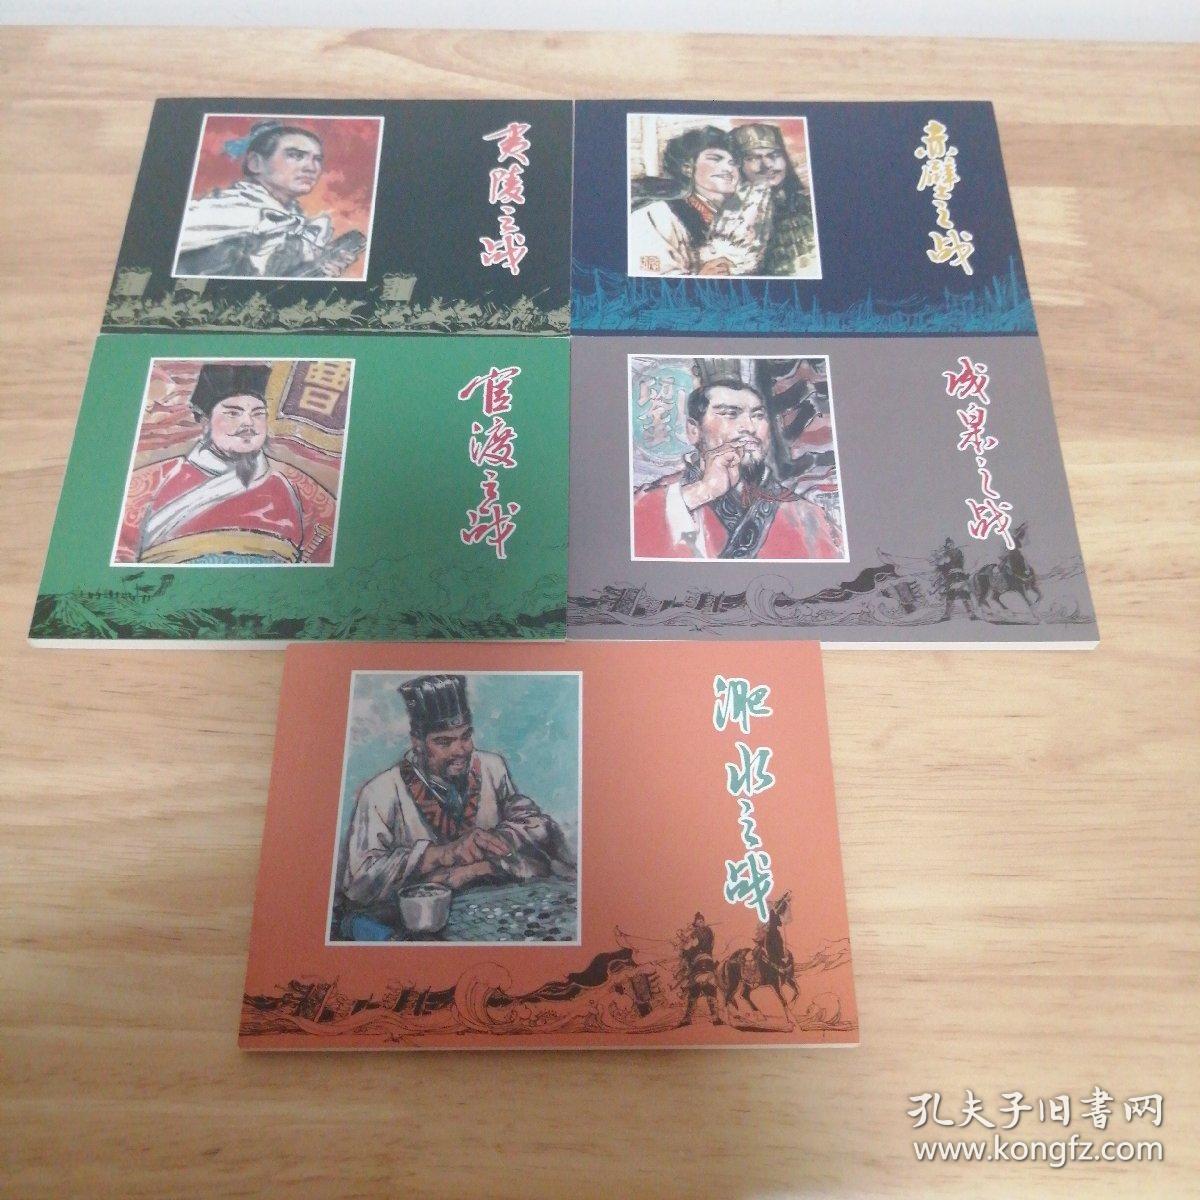 中国古代著名战役(1-5)连环画  施大畏 等绘画